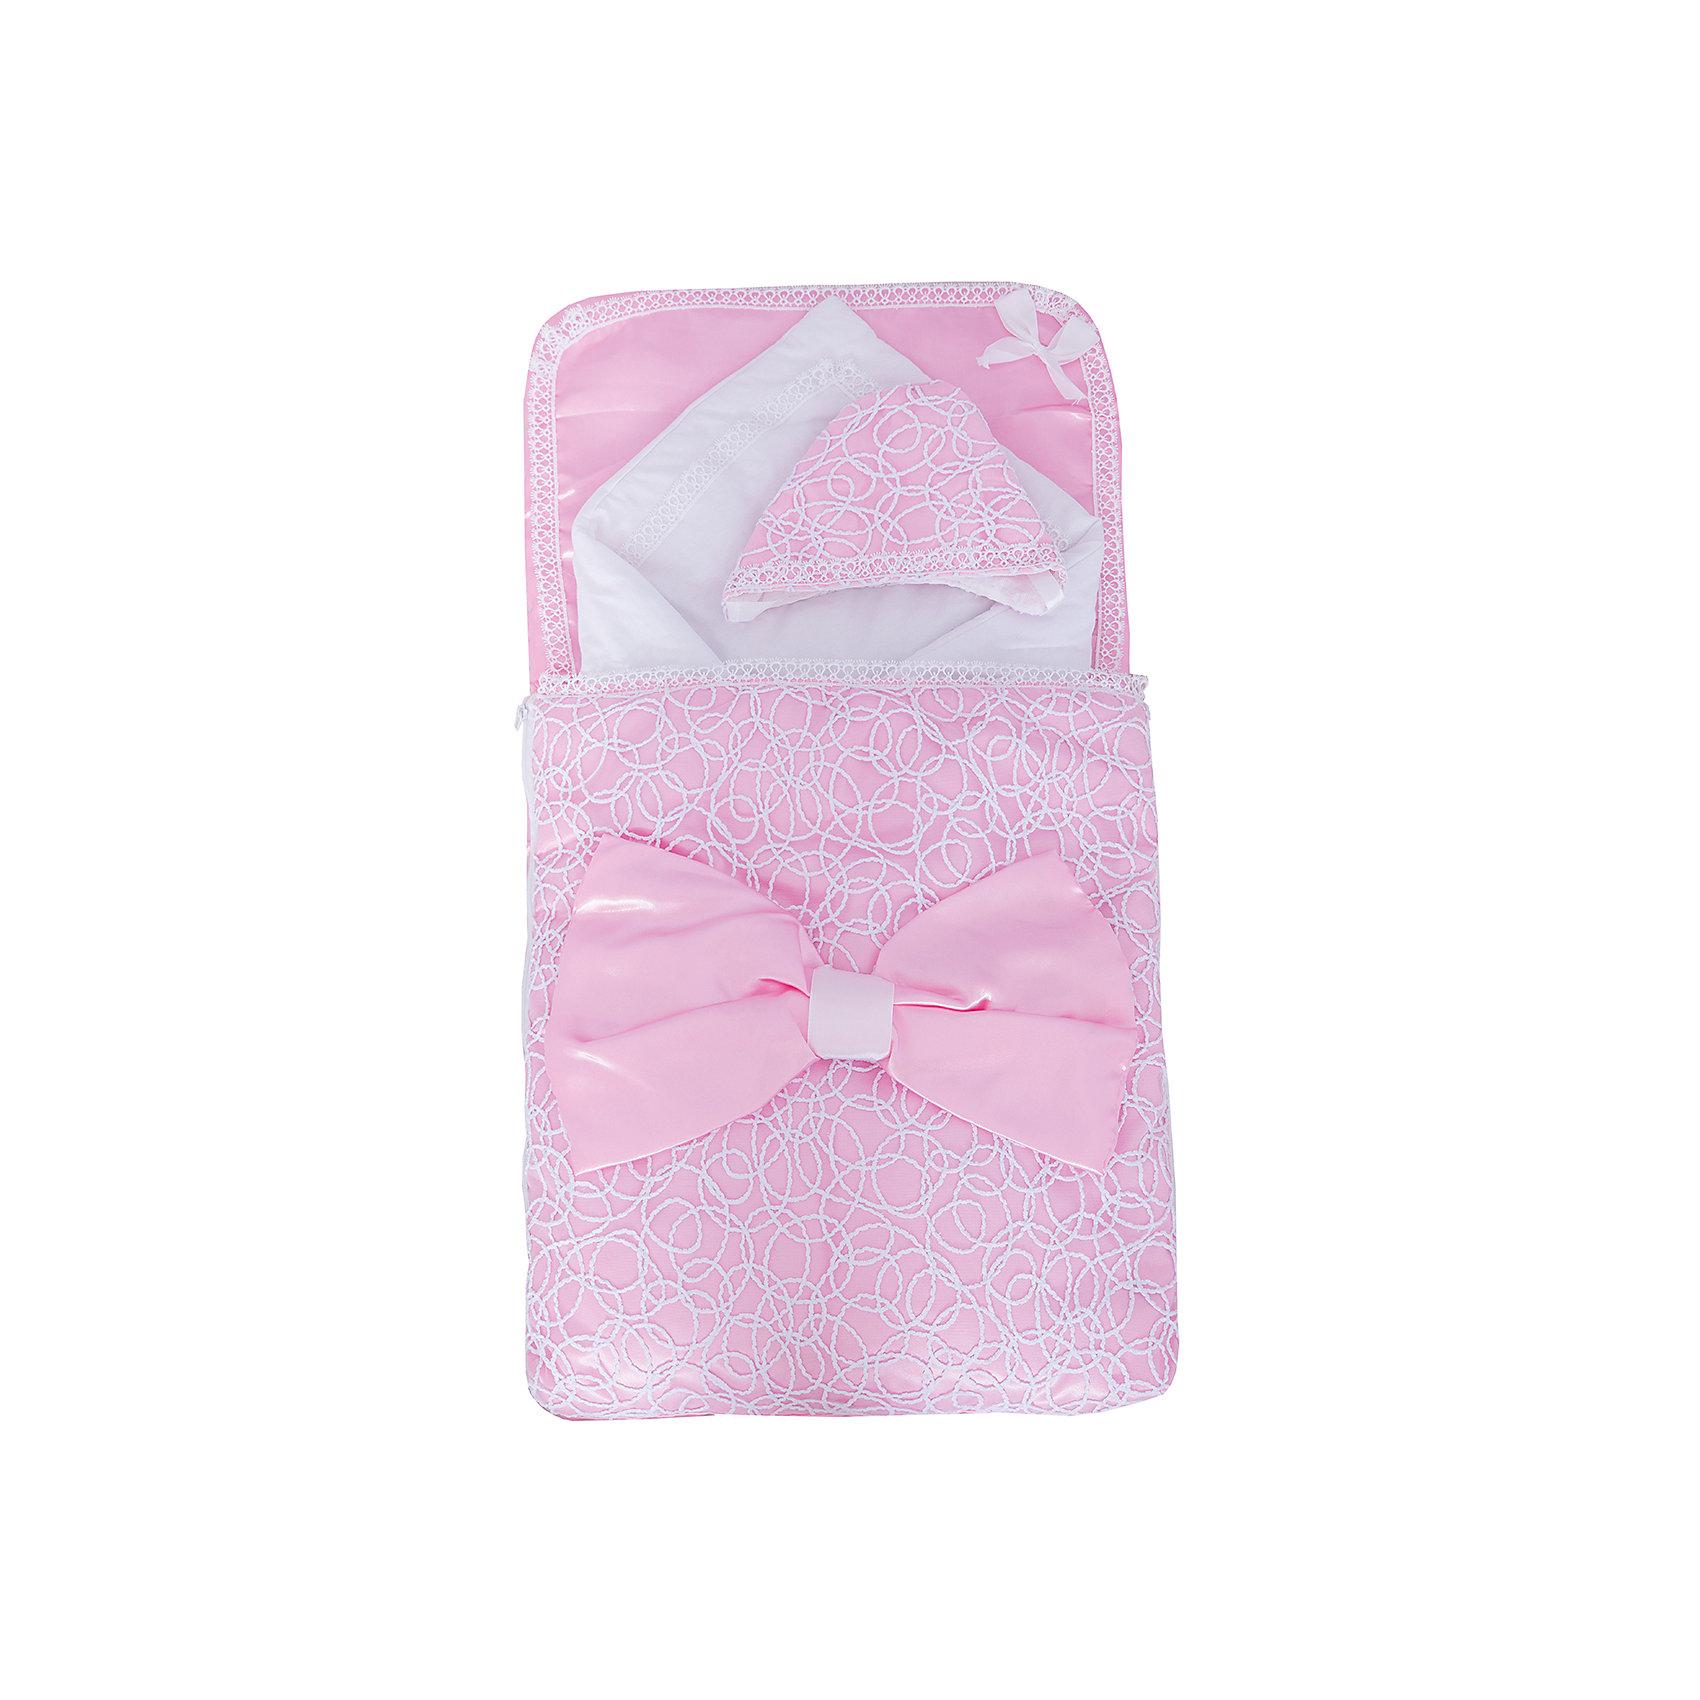 Комплект на выписку 3 пред. АЖУР, Арго, розовыйКонверты на выписку<br>Момент выписки мамы с ребенком из роддома - один из самых трогательных. Сделать его более торжественным поможет красивый комплект для выписки. Он состоит из трех предметов: два одеяла и нарядная шапочка.<br>Одно одеяло сшито из красивого атласа, на мягкой хлопчатобумажной подкладке. Оно декорировано ажурной органзой и декоративным бантом. Второе одеяло - из хлопкового трикотажа. Материалы подобраны специально для новорожденных. Они гипоаллергенны, пропускают воздух, не вызывают раздражения.<br><br>Дополнительная информация:<br><br>цвет: розовый;<br>материал: атлас, ажурная органза, трикотаж - 100% хлопок;<br>комплектация: 2 одеяла, шапочка;<br>размеры одеял: 45х80 и 90х90 см;<br>возраст: 0-6 месяцев.<br><br>Комплект на выписку 3 пред. АЖУР, розовый, от компании Арго можно купить в нашем магазине.<br><br>Ширина мм: 900<br>Глубина мм: 500<br>Высота мм: 150<br>Вес г: 500<br>Возраст от месяцев: 0<br>Возраст до месяцев: 6<br>Пол: Унисекс<br>Возраст: Детский<br>SKU: 4720103